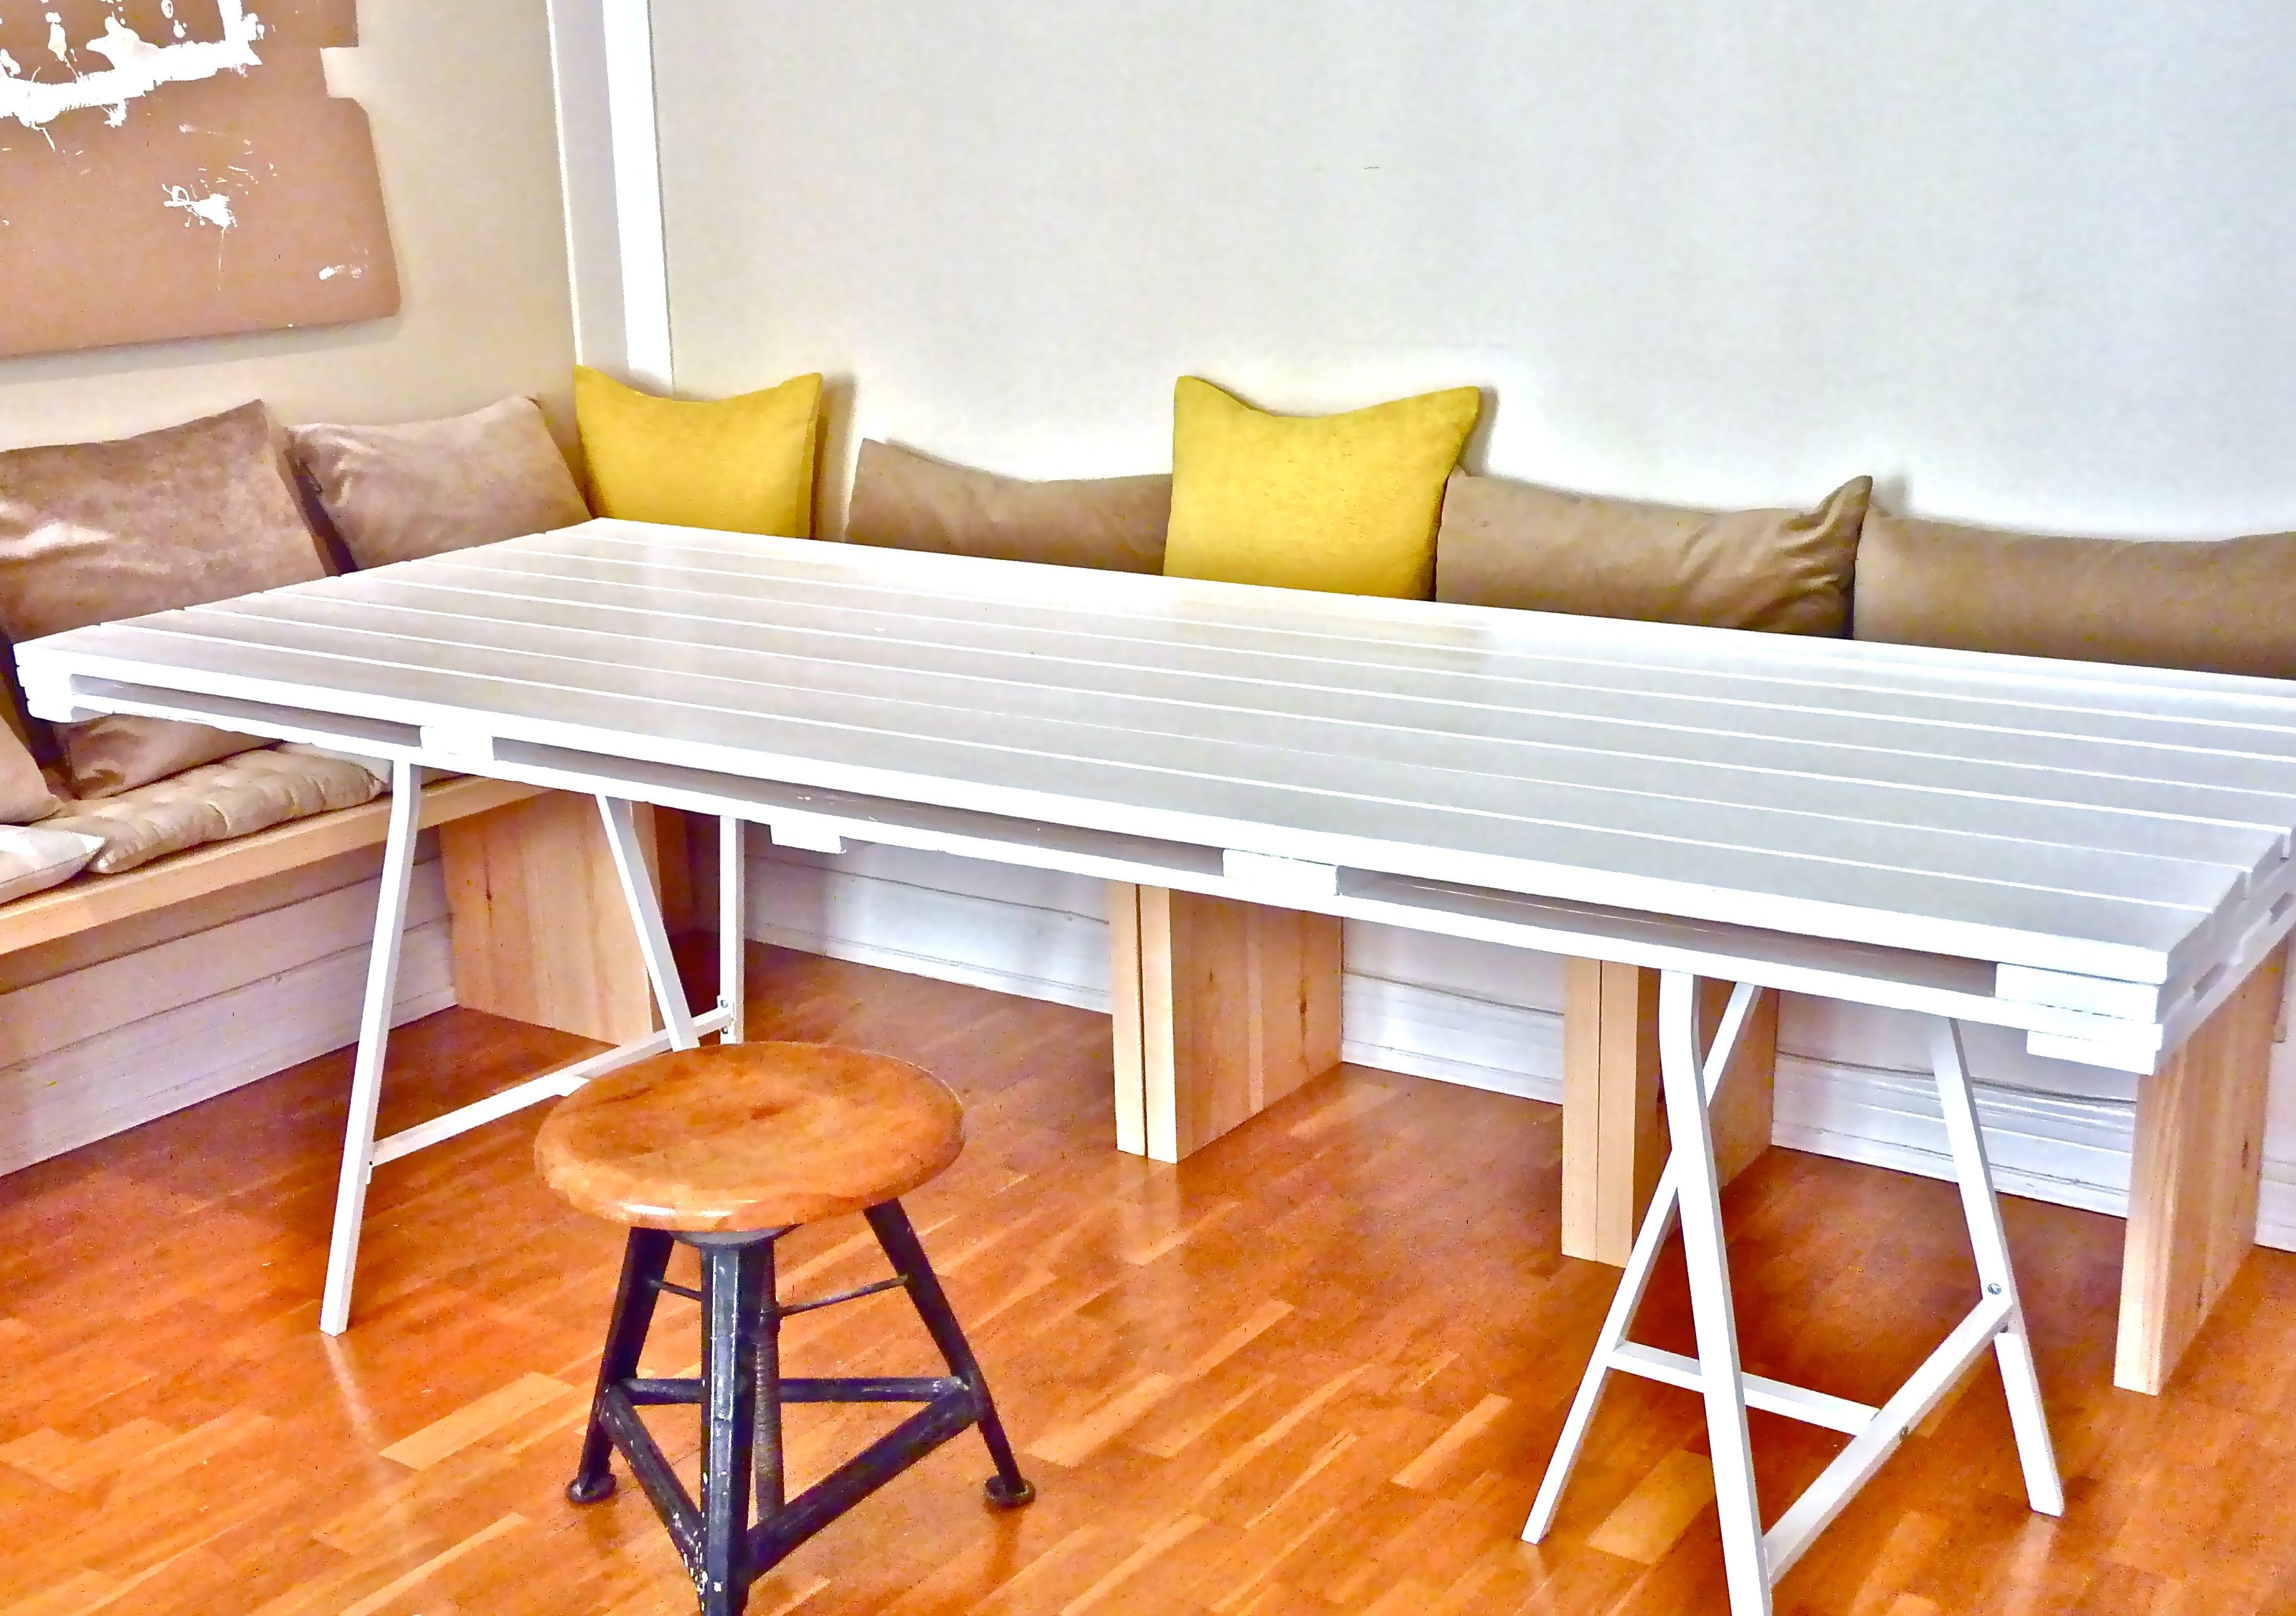 selbstgebauter Esstisch aus Paletten in weiß mit holzsitzecke und Kissen für die Küche